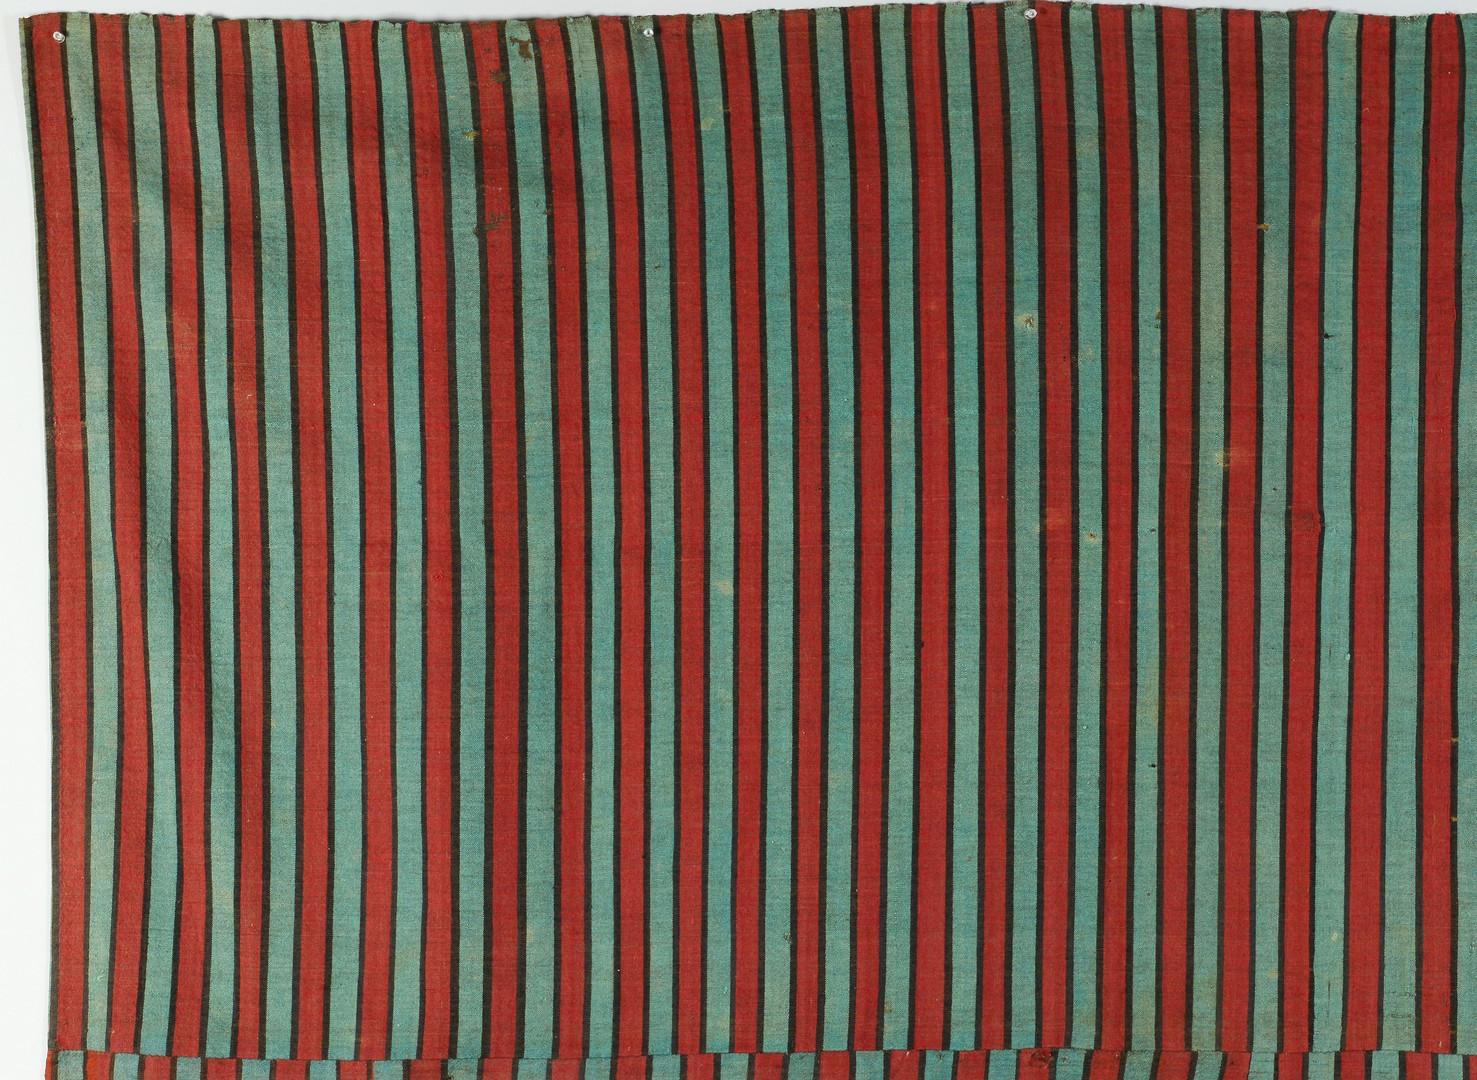 Lot 164: East TN Woven Blanket